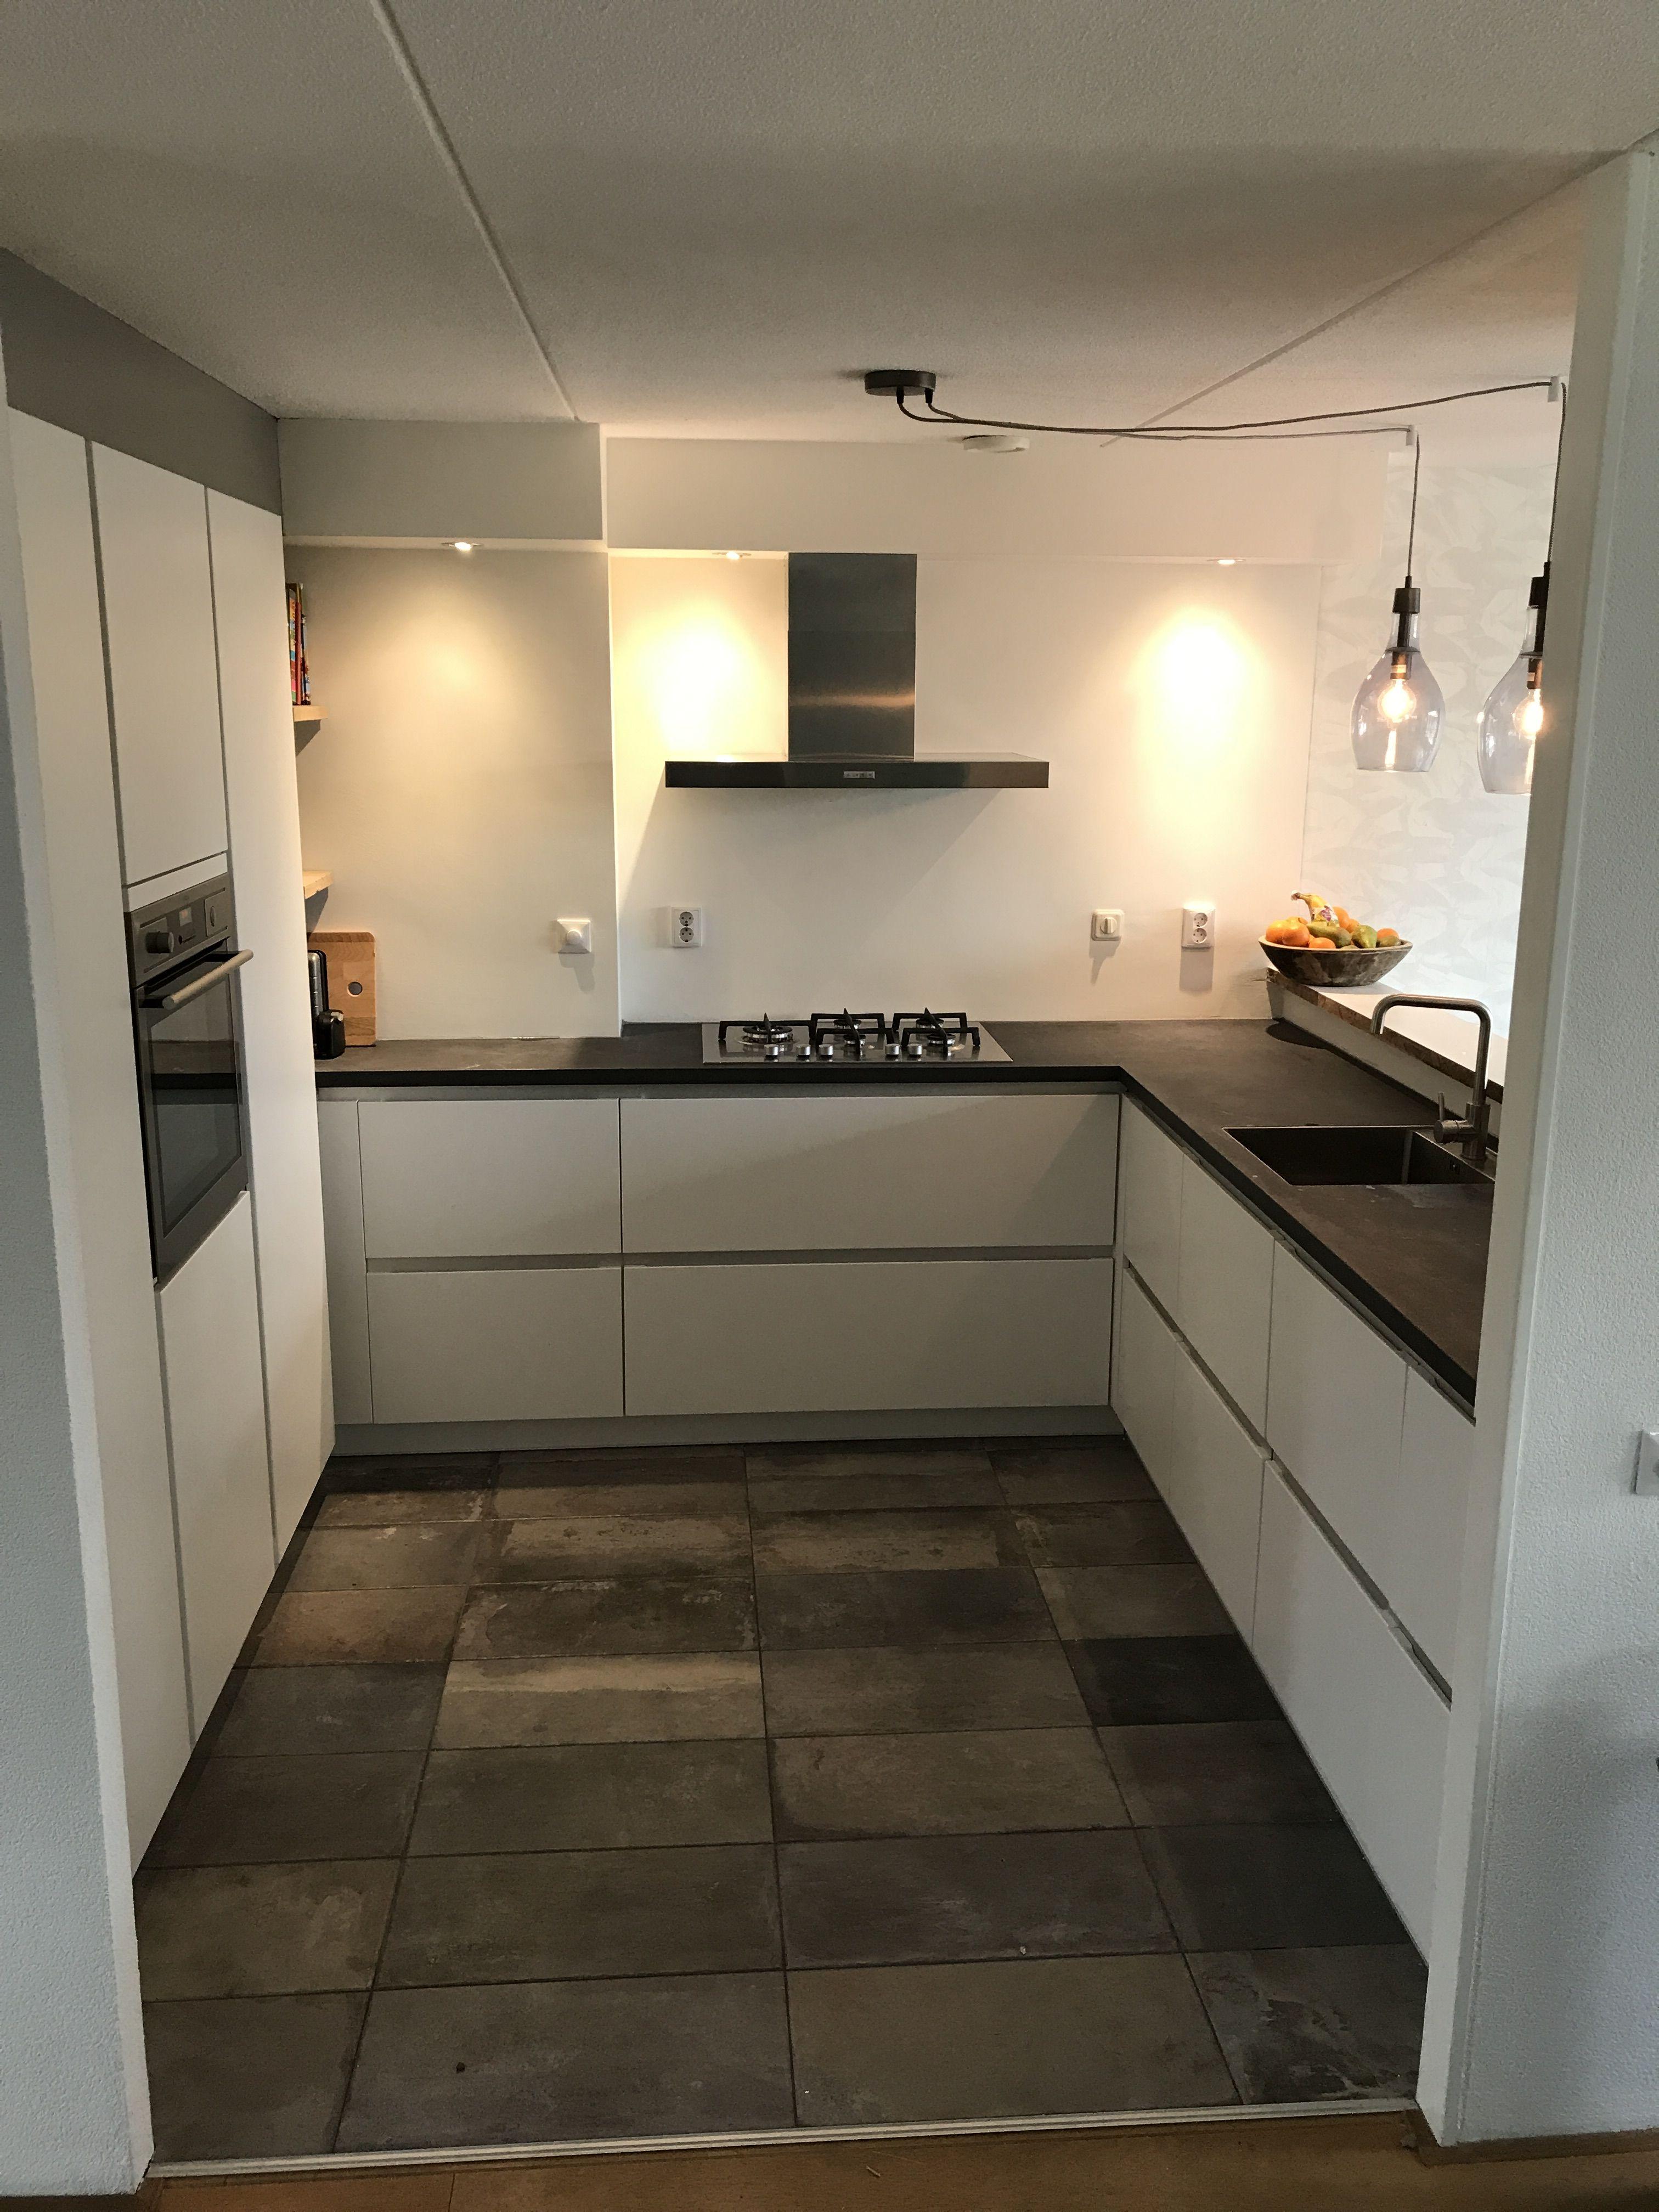 Onze keuken #kvik #tinta | Renovation ideas | Pinterest | Kitchens ...